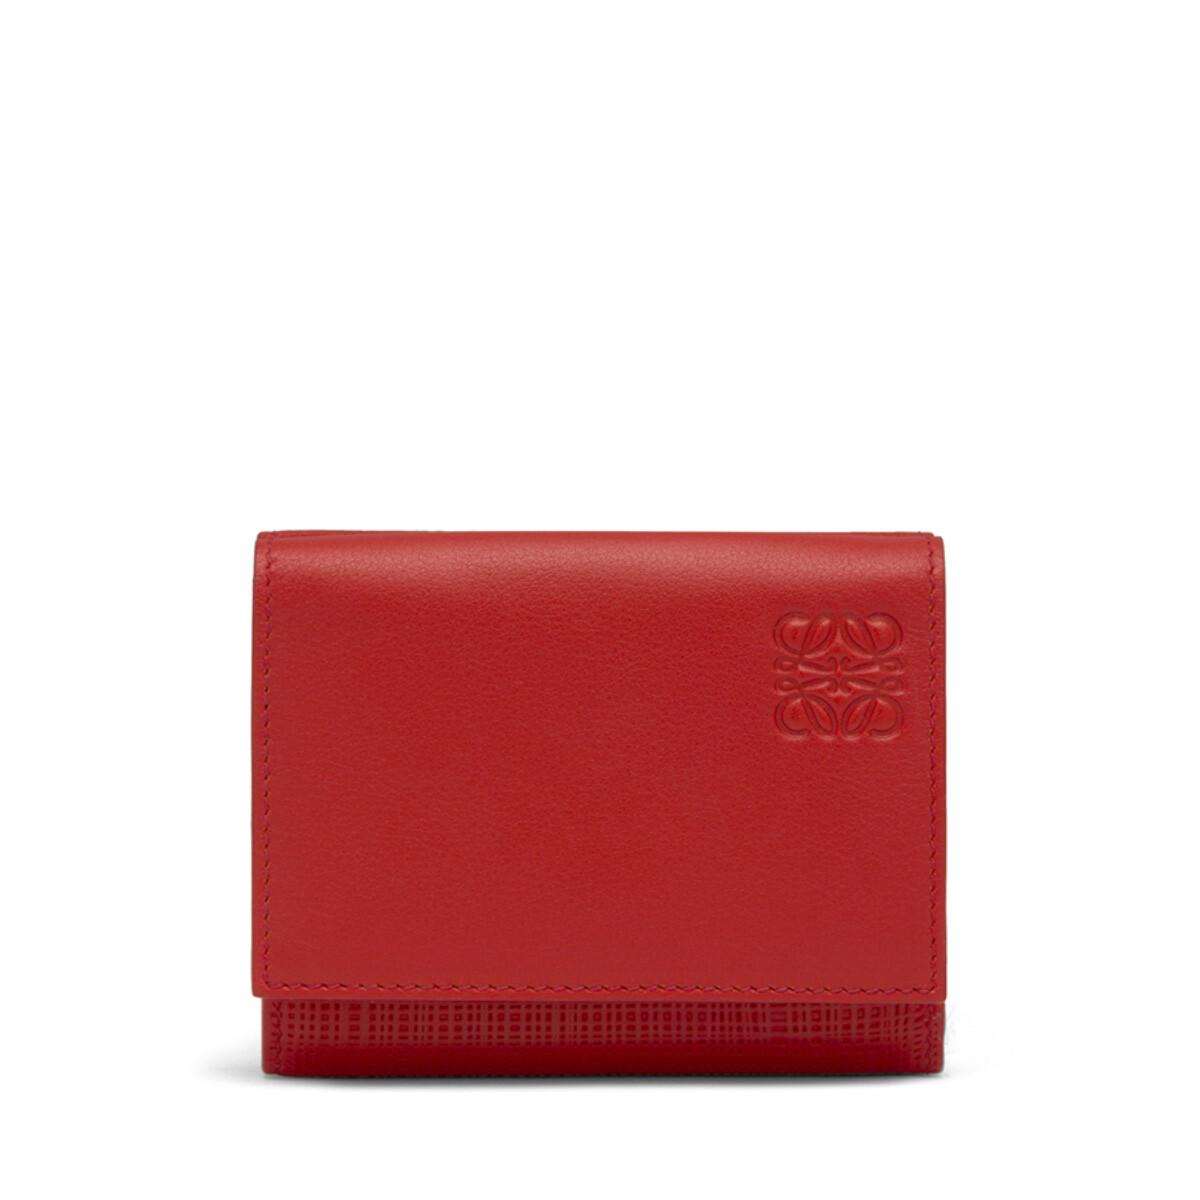 「LOEWE(ロエベ)」の人気レディースミニ財布